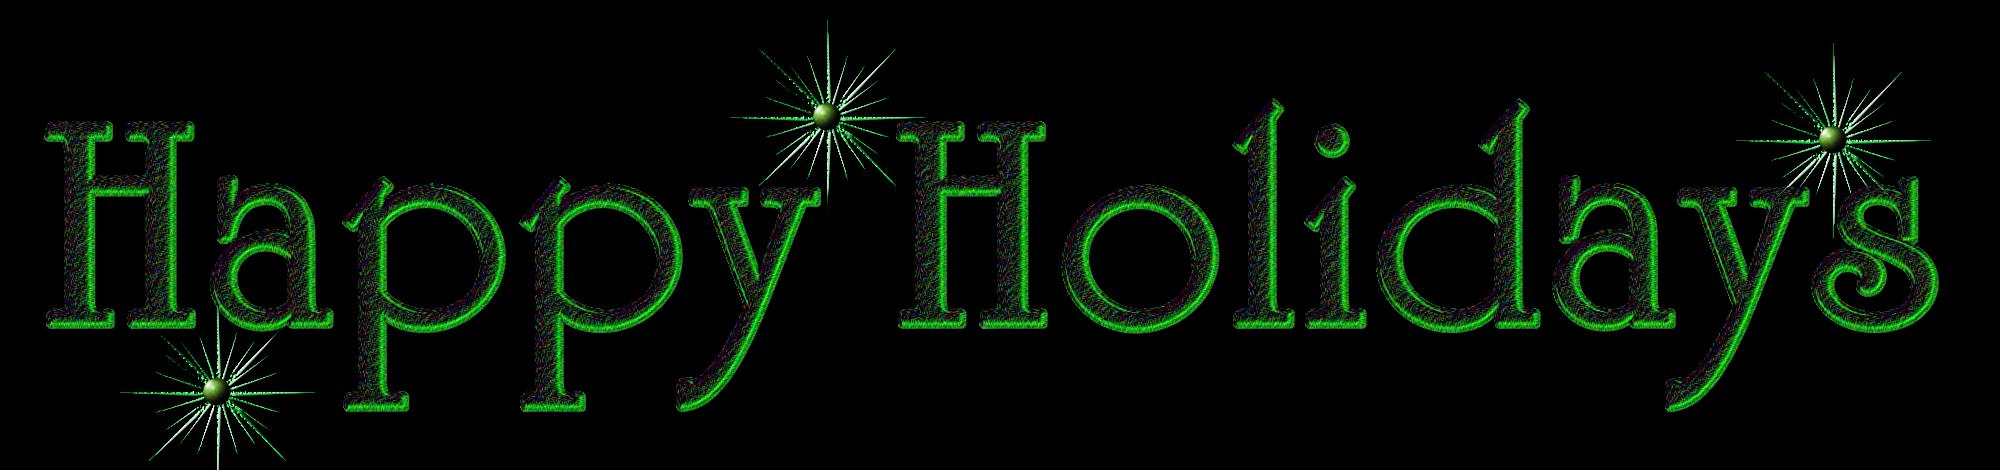 Happy Holidays Clipart Happy Holidays Pn-Happy Holidays Clipart Happy Holidays Png By Jssanda-12